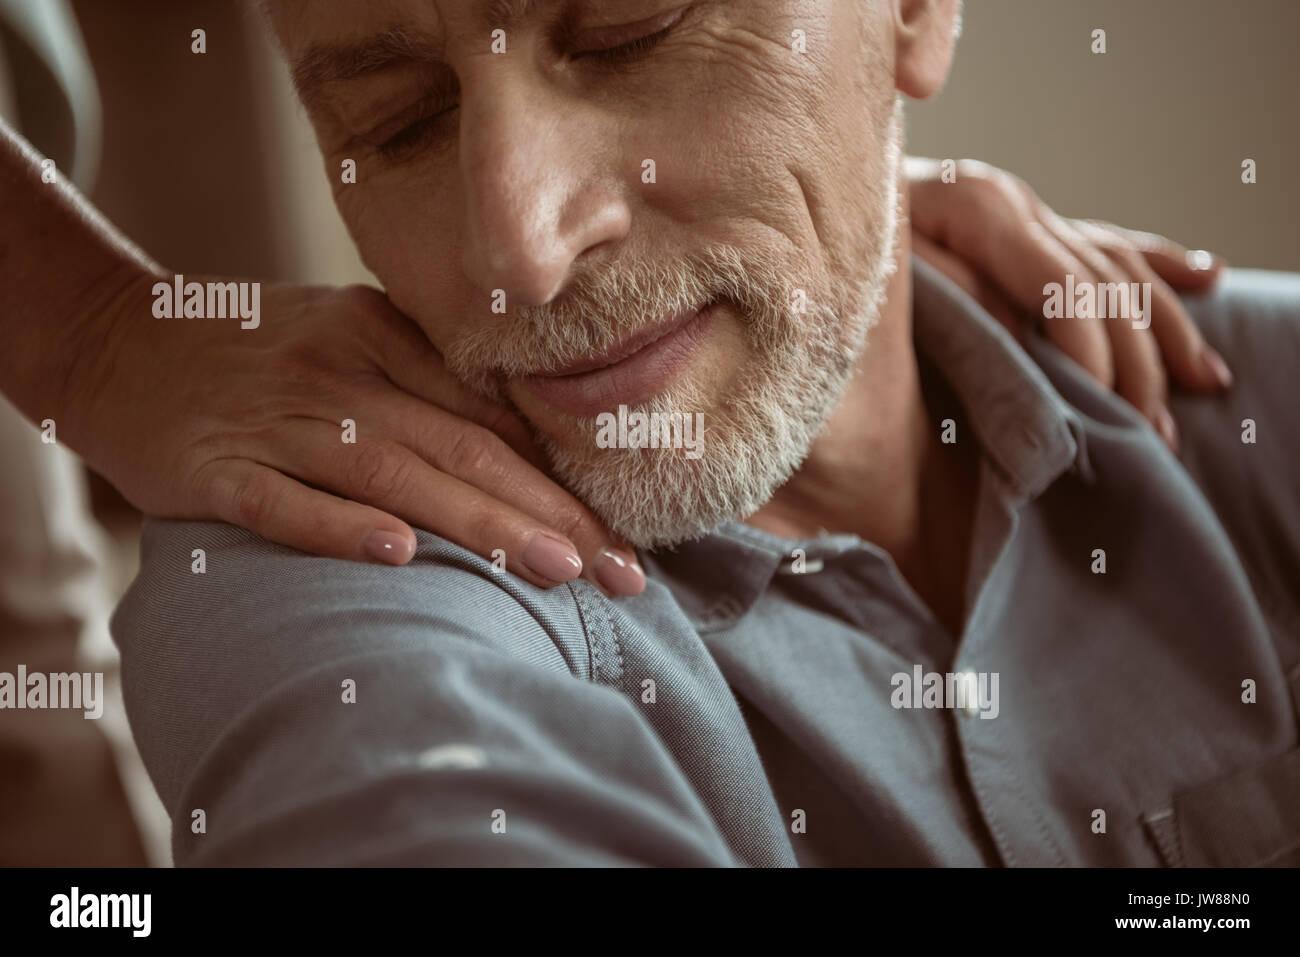 Gara moglie mettere le mani sulle spalle del marito con gli occhi chiusi Immagini Stock